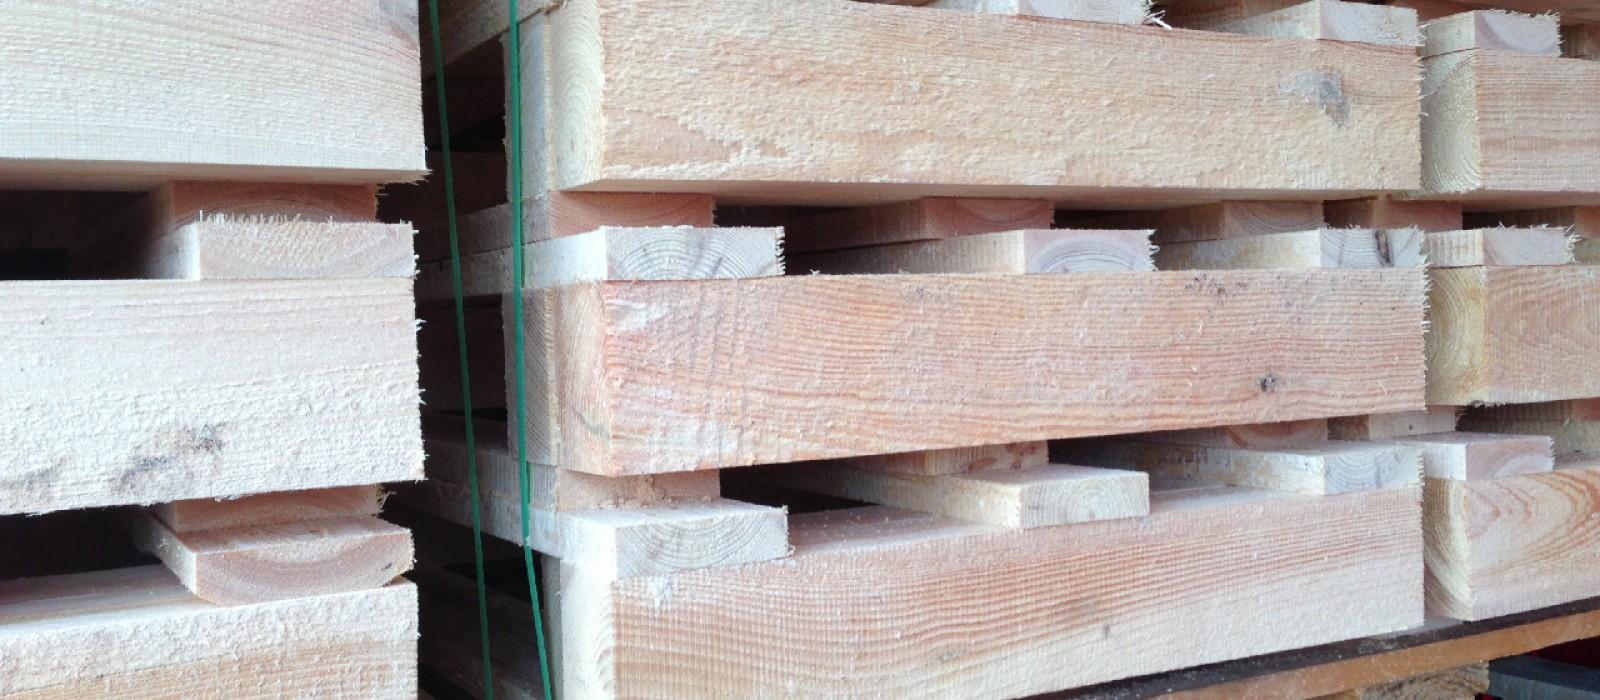 Holzpalette-im-Stapel